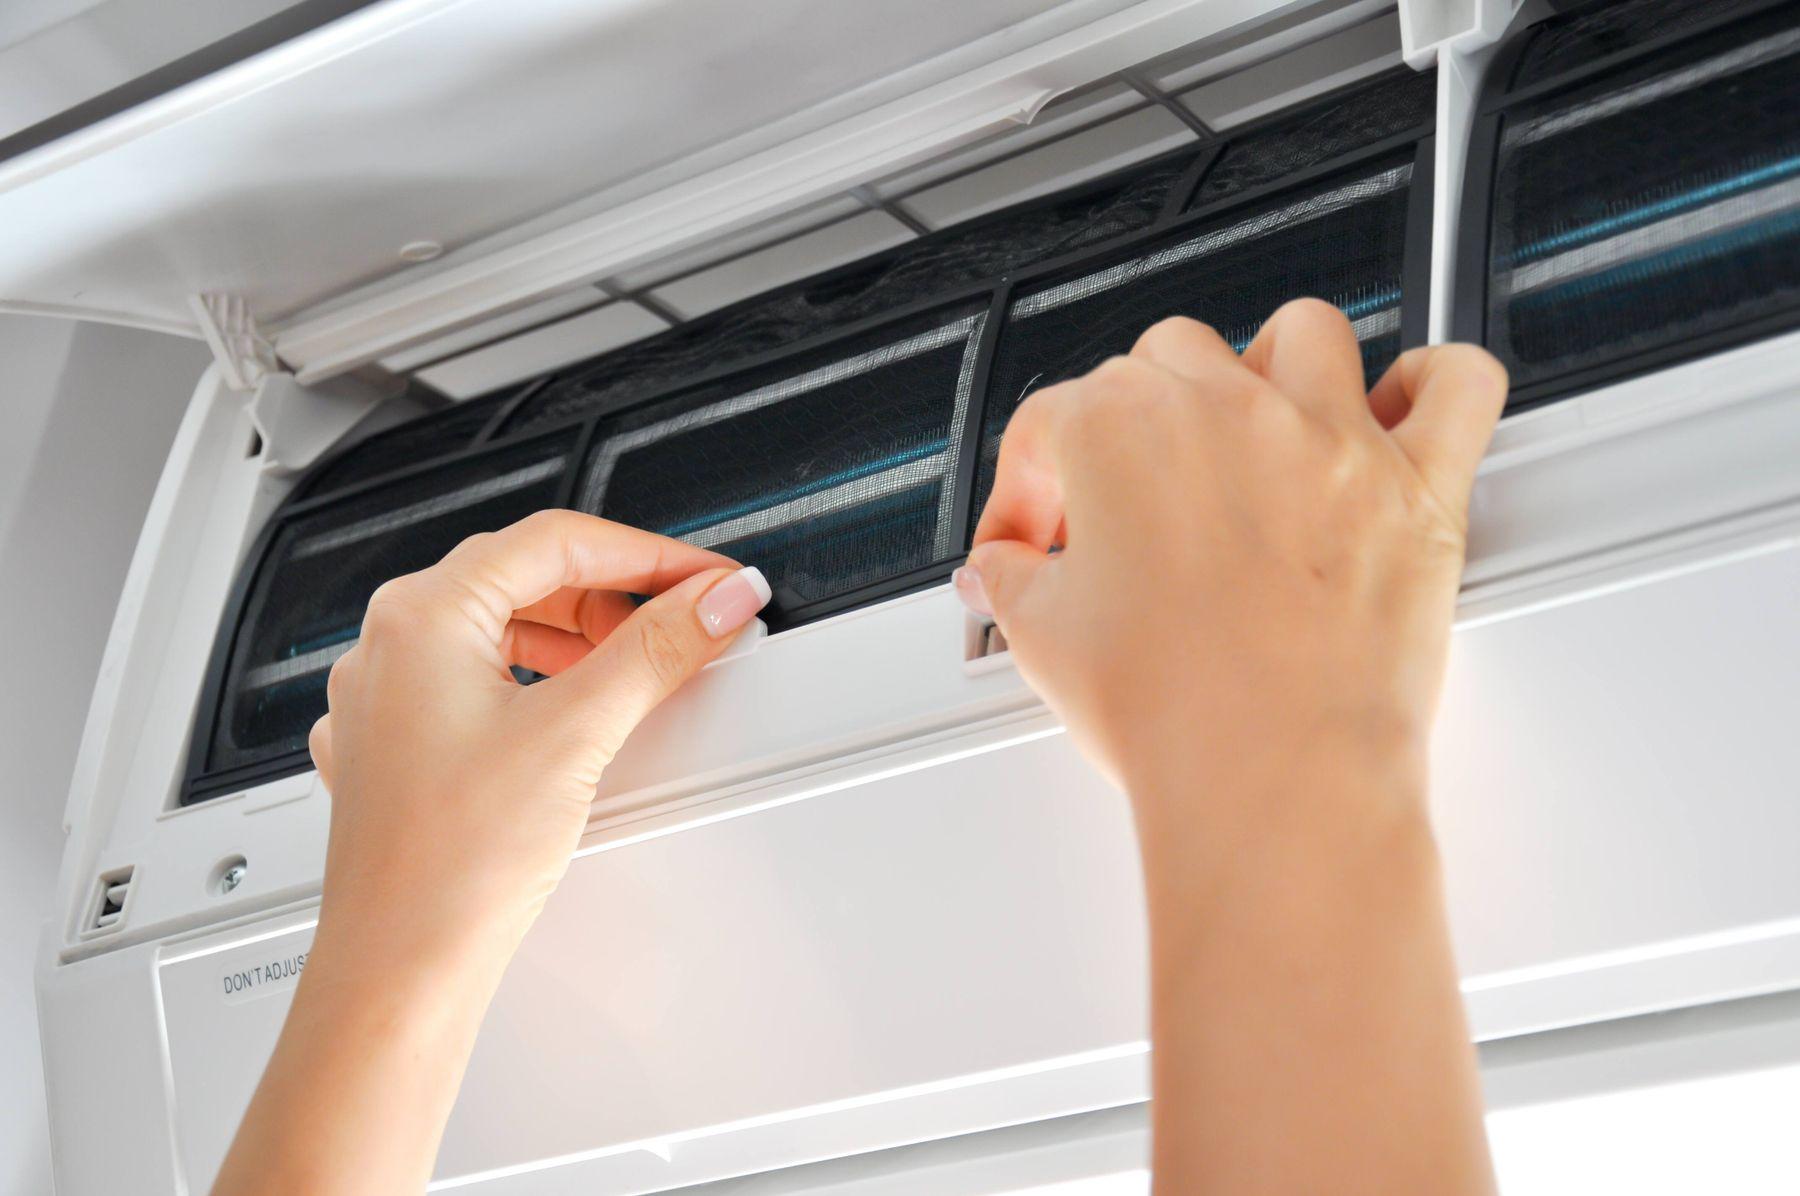 Vệ sinh máy lạnh để tránh bệnh viêm phổi ở trẻ em